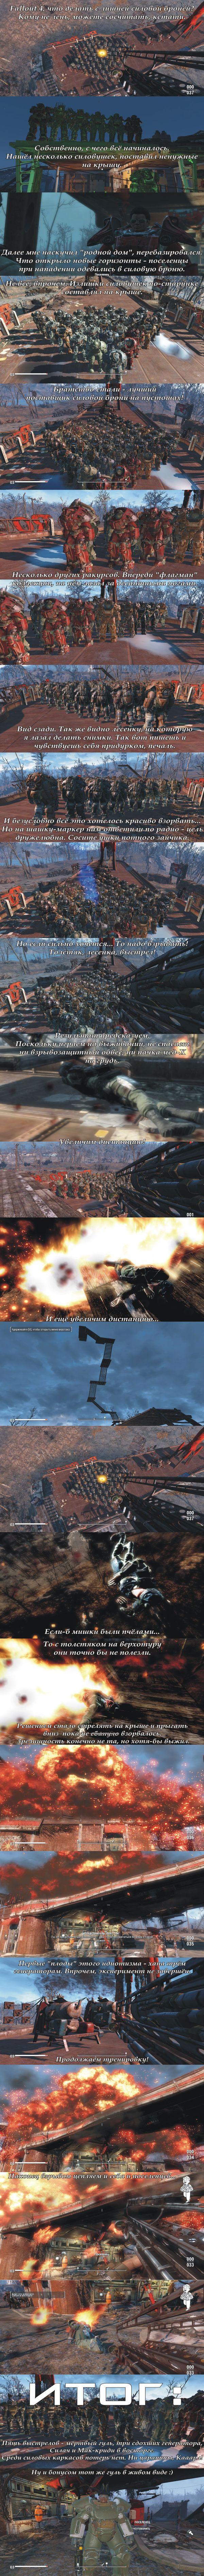 Fallout 4, что делать с силовой бронёй или будни задрота. Компьютерные игры, fallout 4, силовая броня, длиннопост